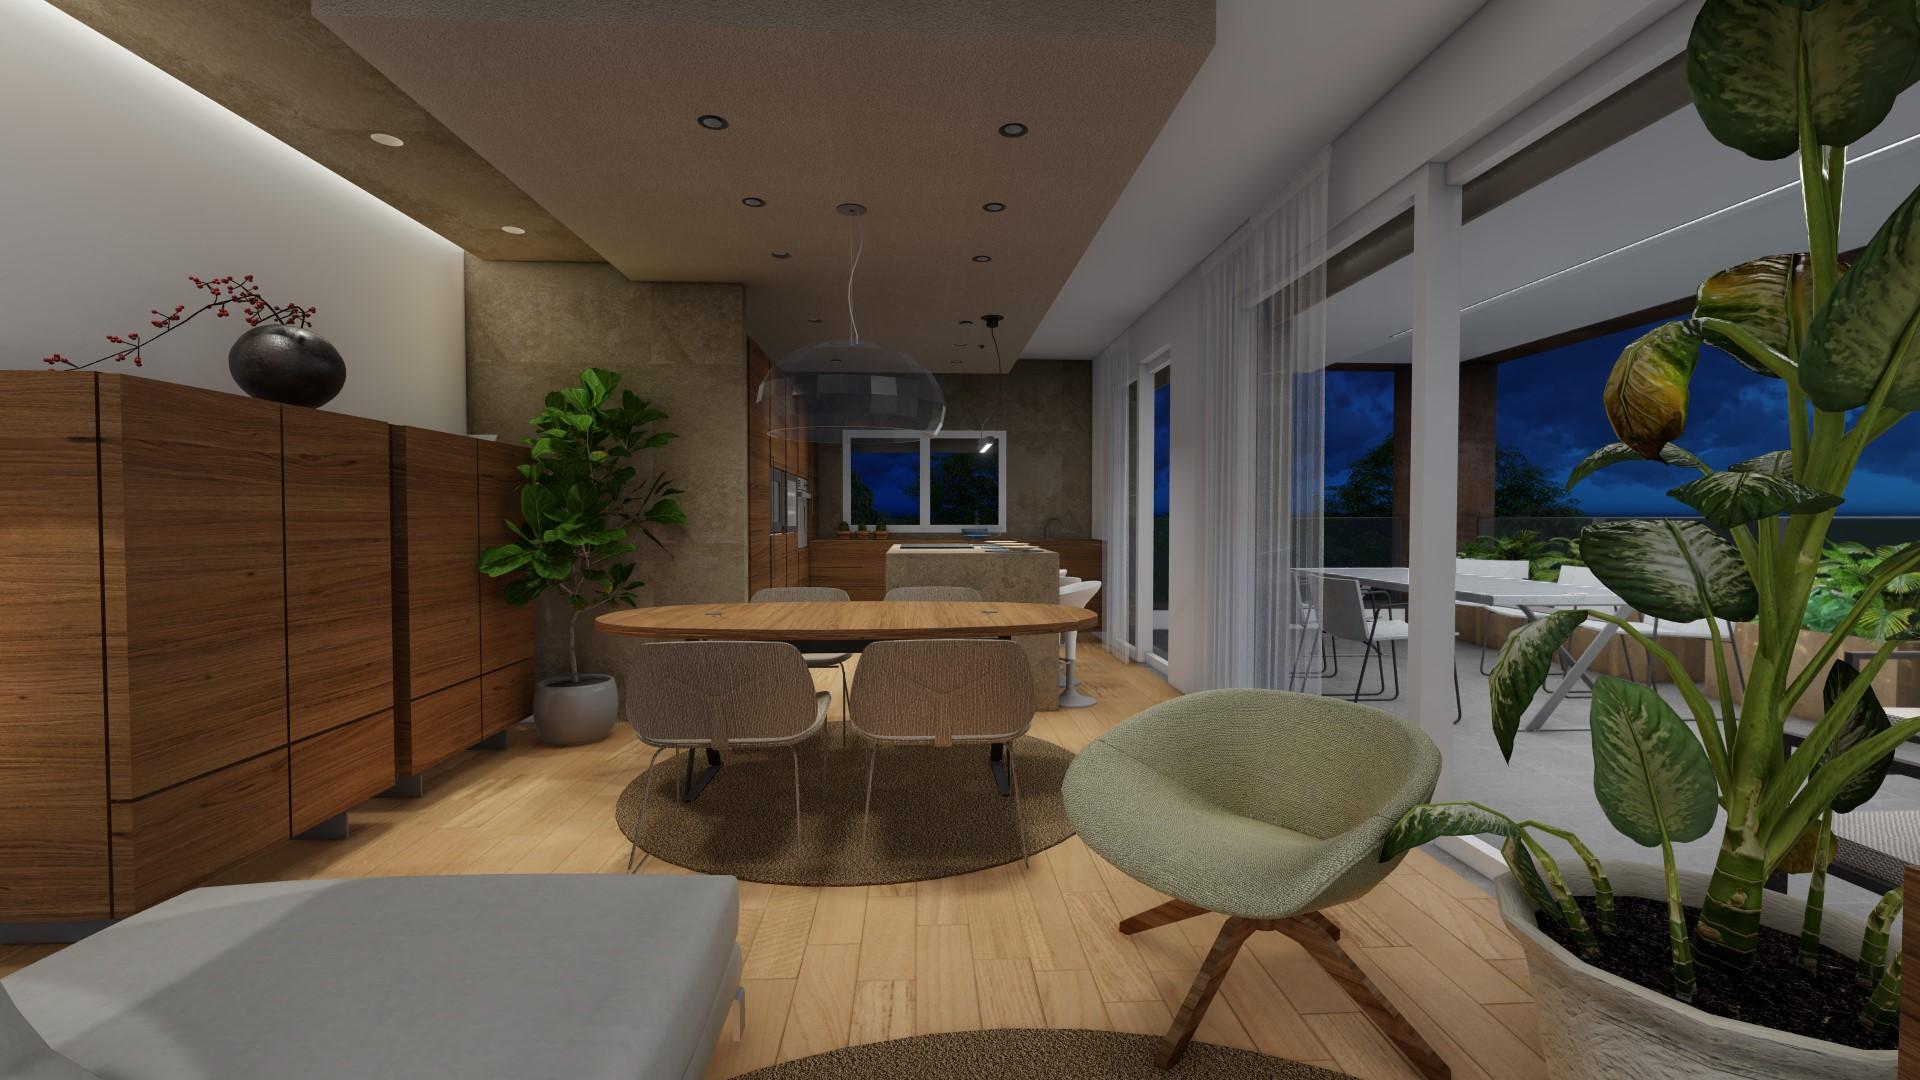 appartamento 4 locali a Treviglio - zona living